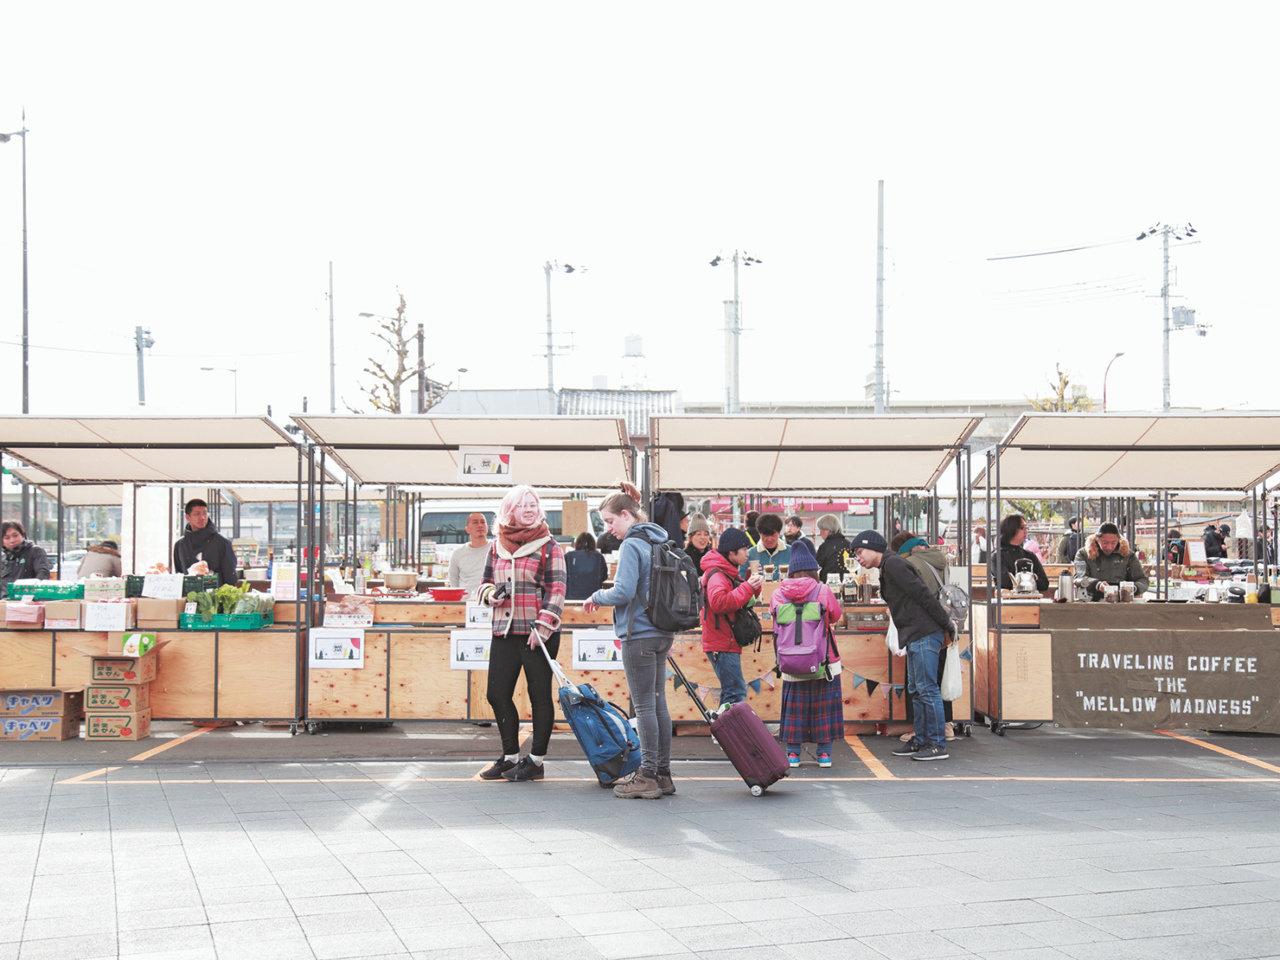 京都駅東側、崇仁地区でお買い物を。お店はくるくる代わります。露店のような『るてん商店街』。